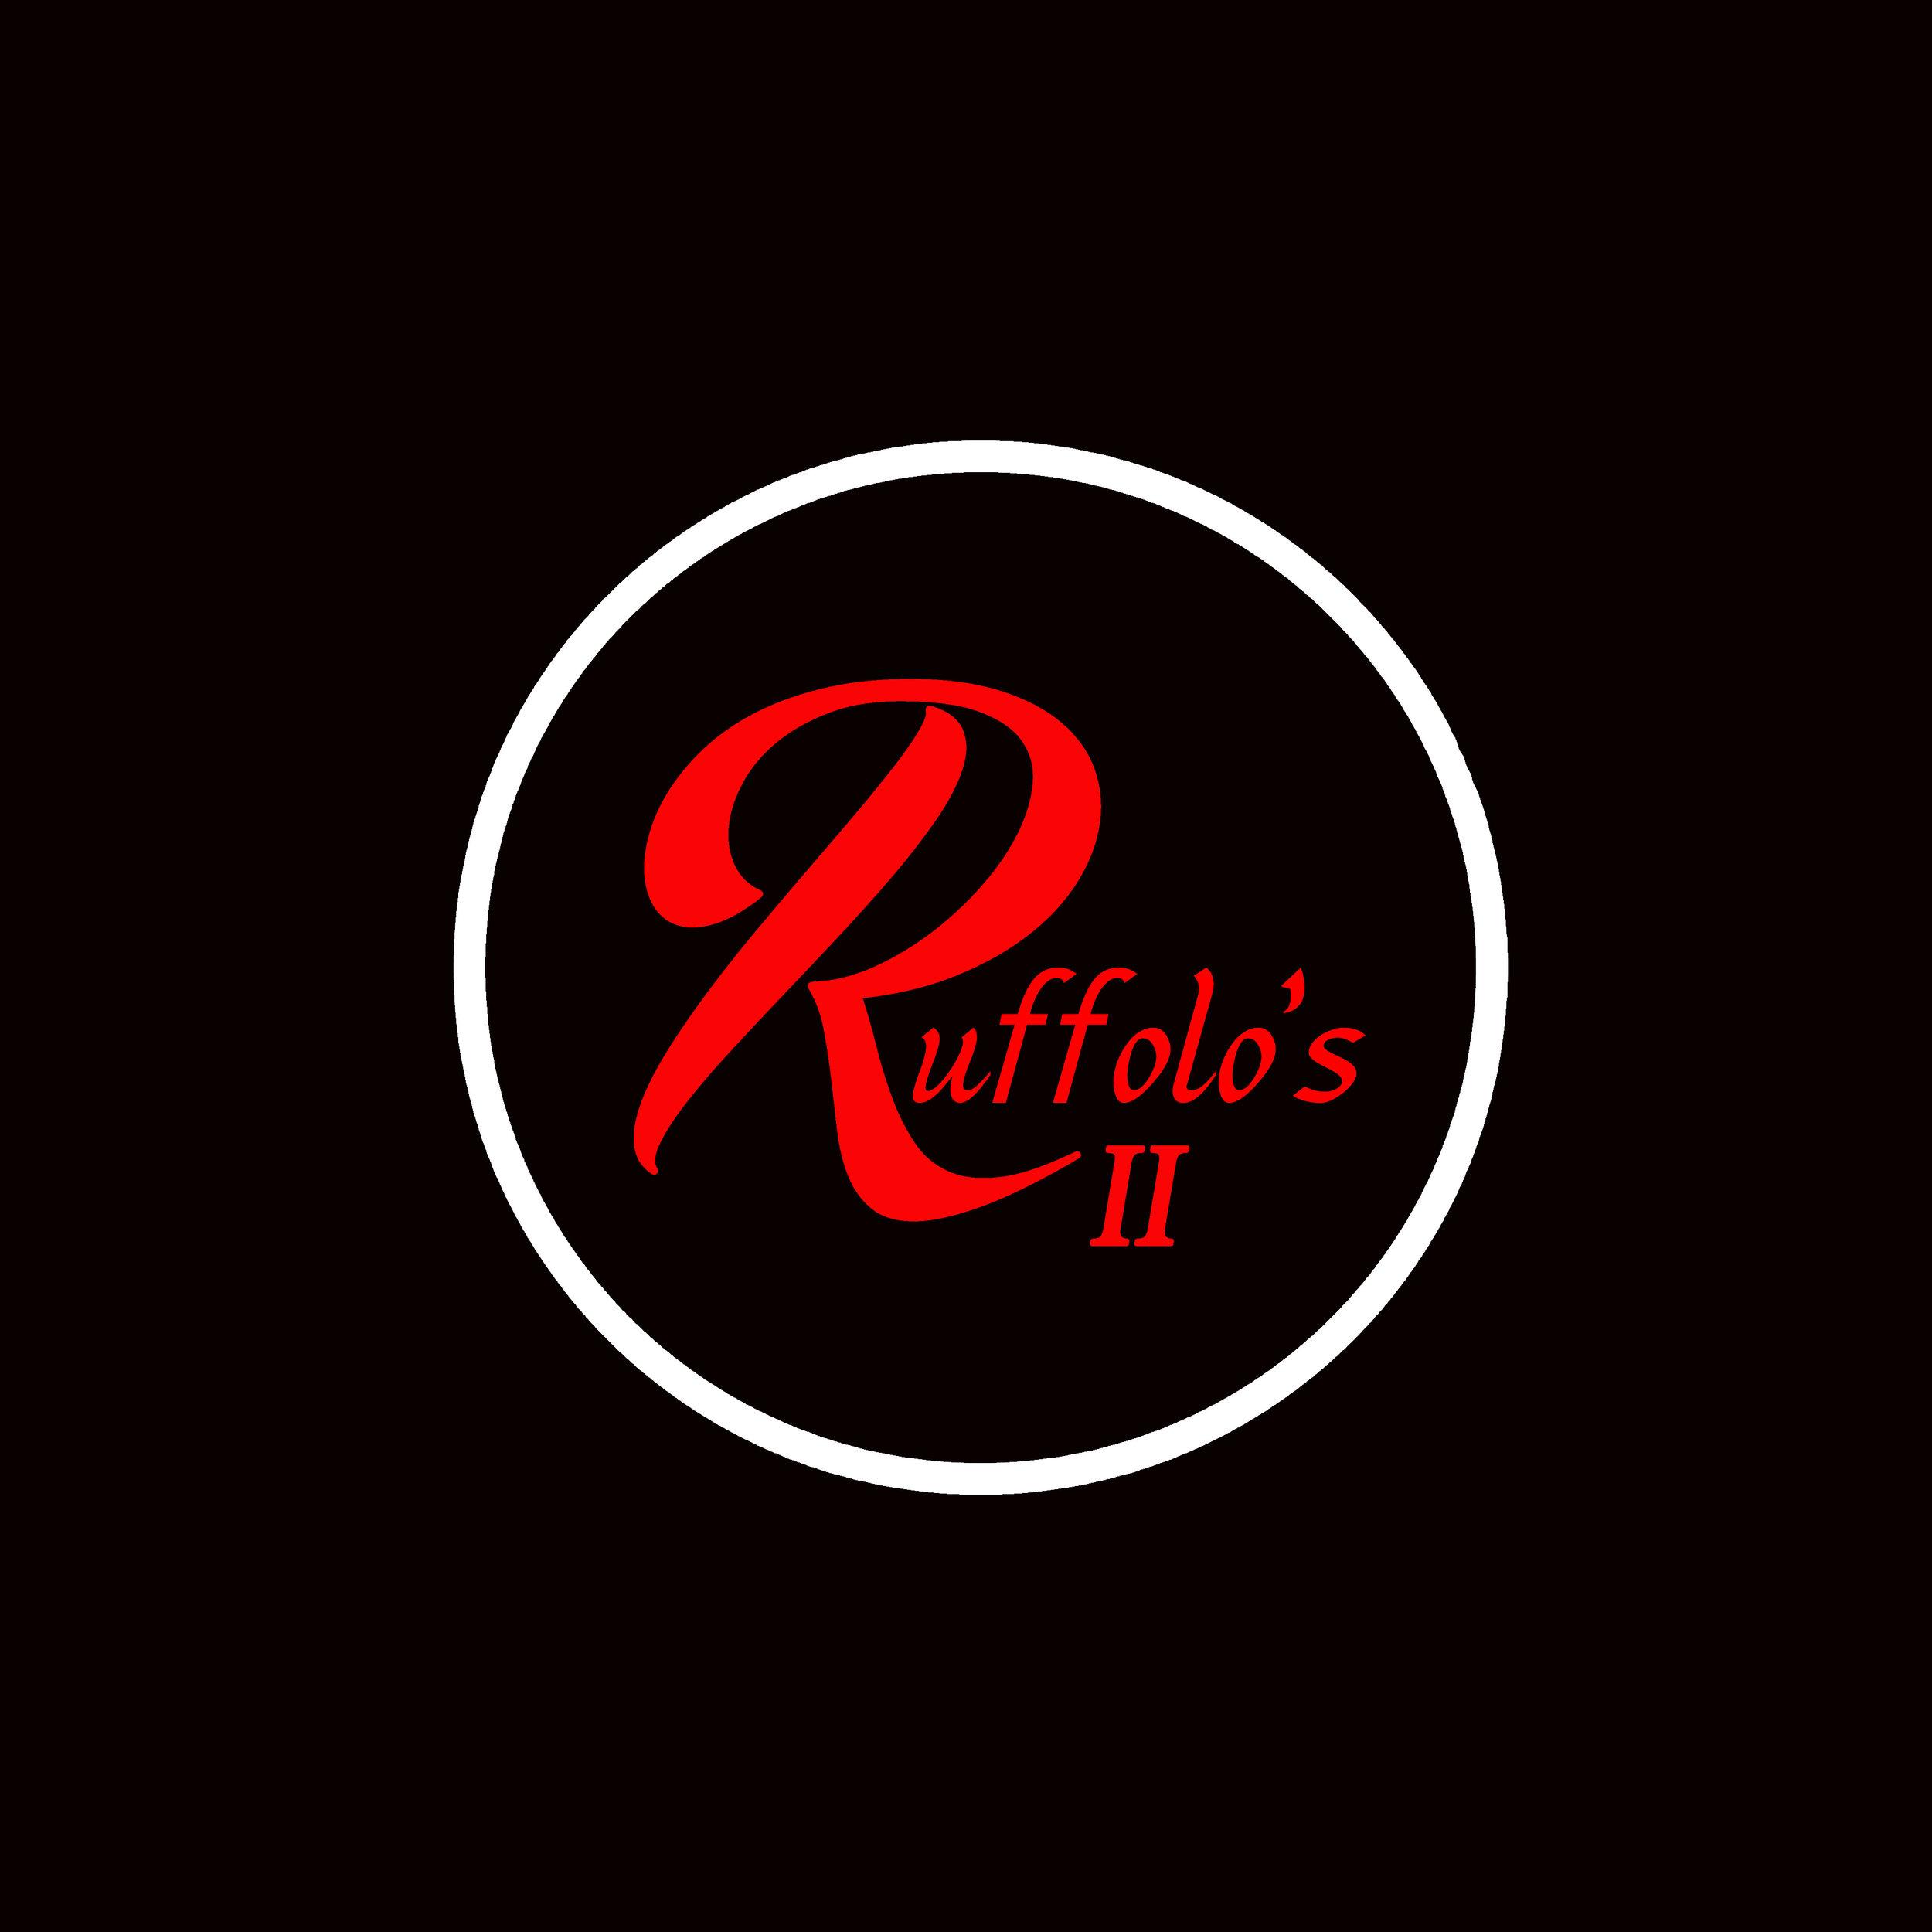 ruffolos hat copy.jpg